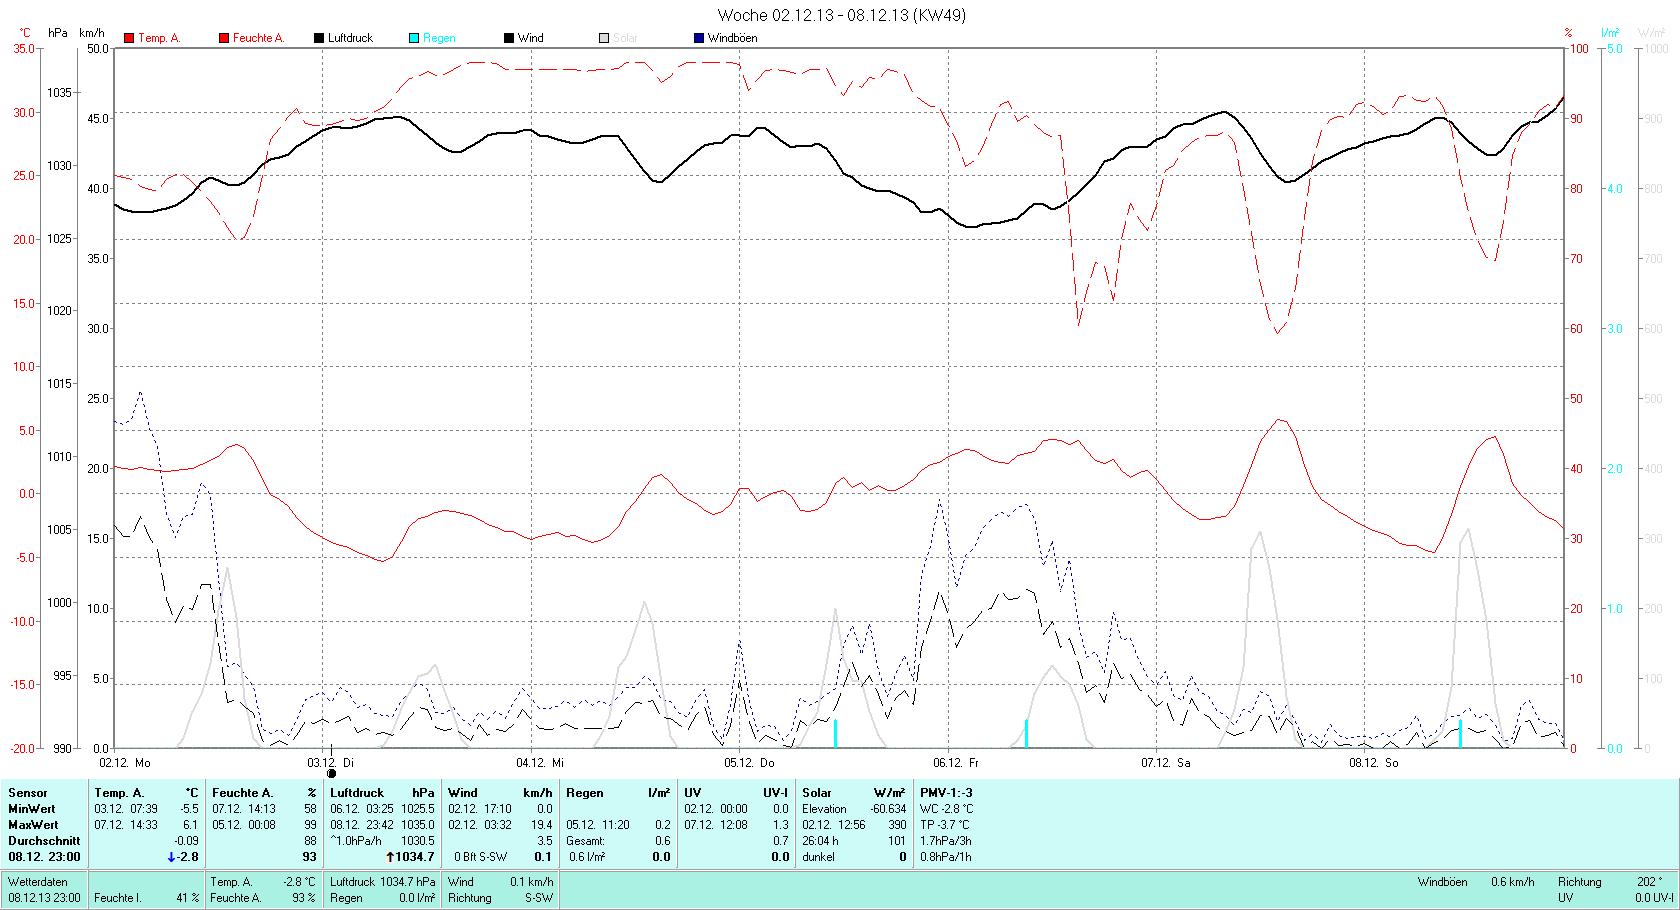 KW 49 Tmin -5.5°C, Tmax 6.1°C, Sonne 12:24h, Niederschlag 0.6mm/2